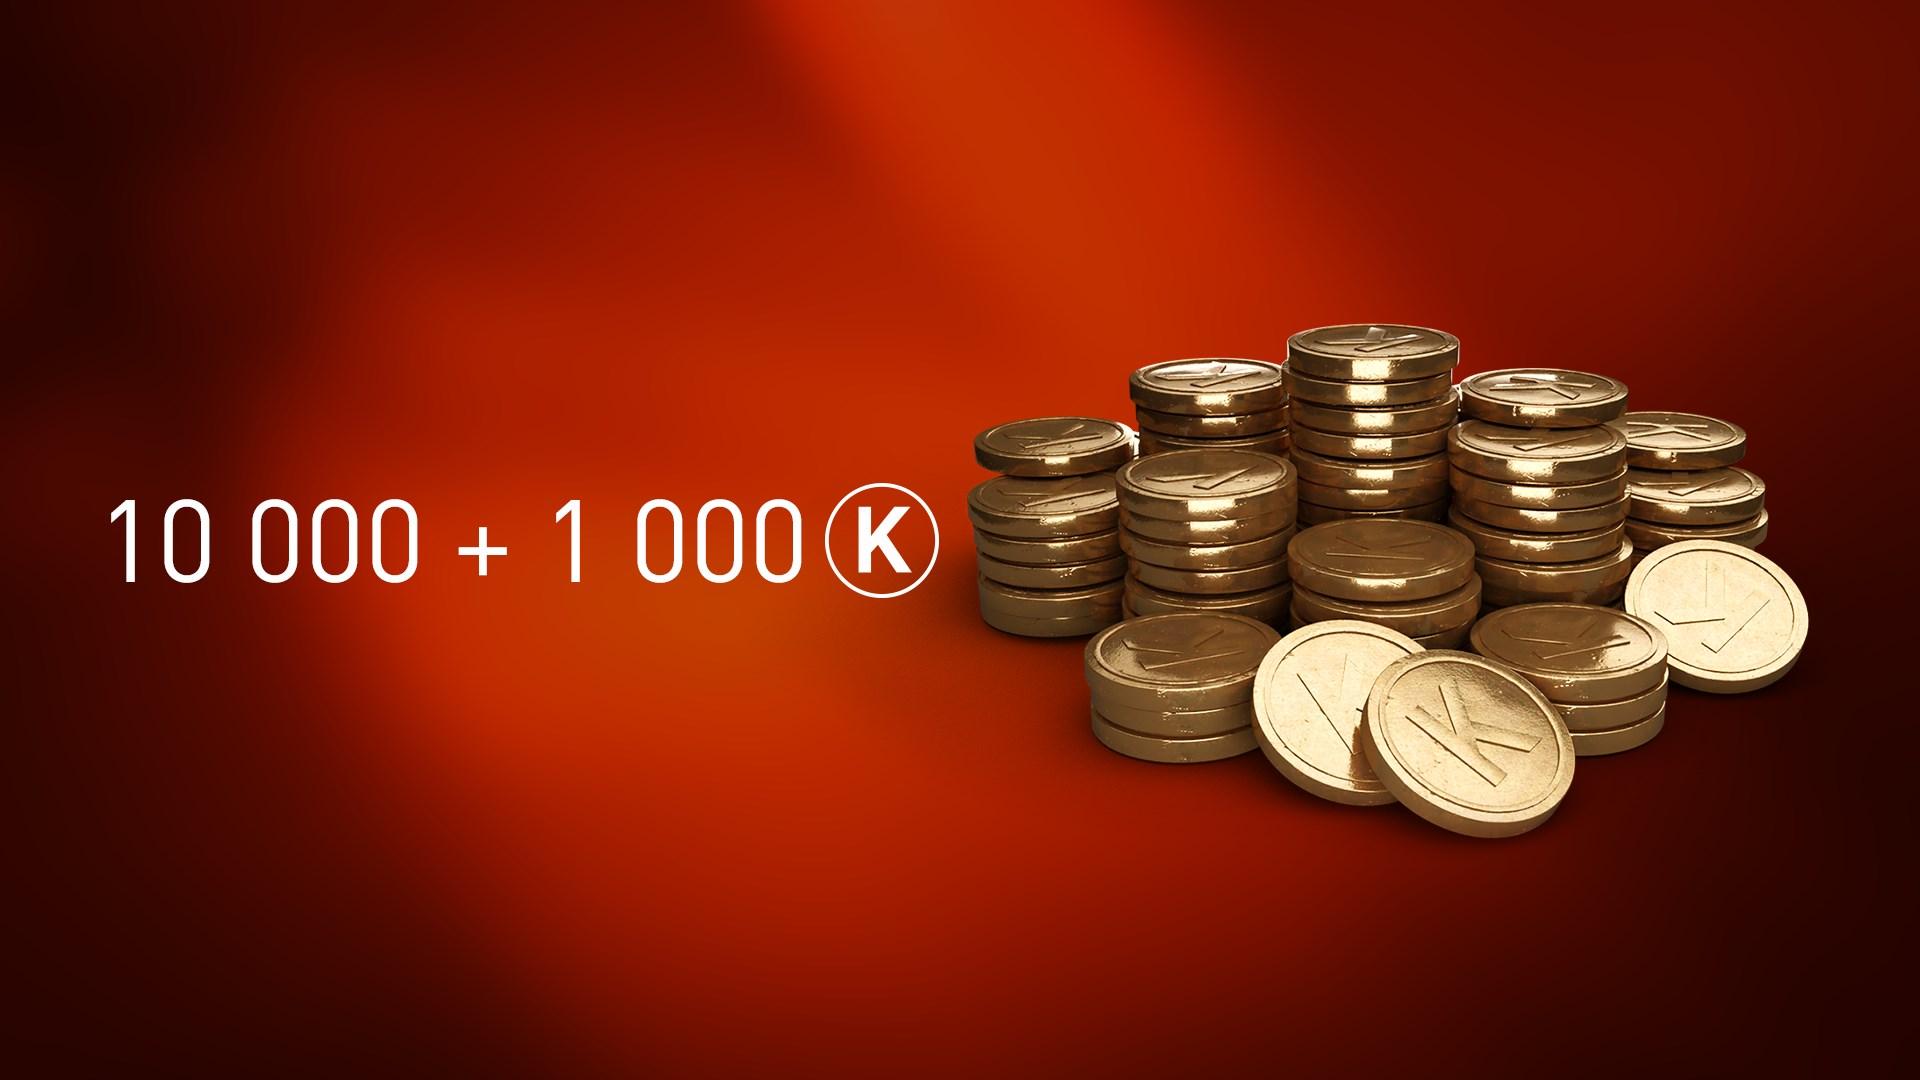 кредит 10000000000 кредитная карта райффайзенбанк 110 дней условия пользования